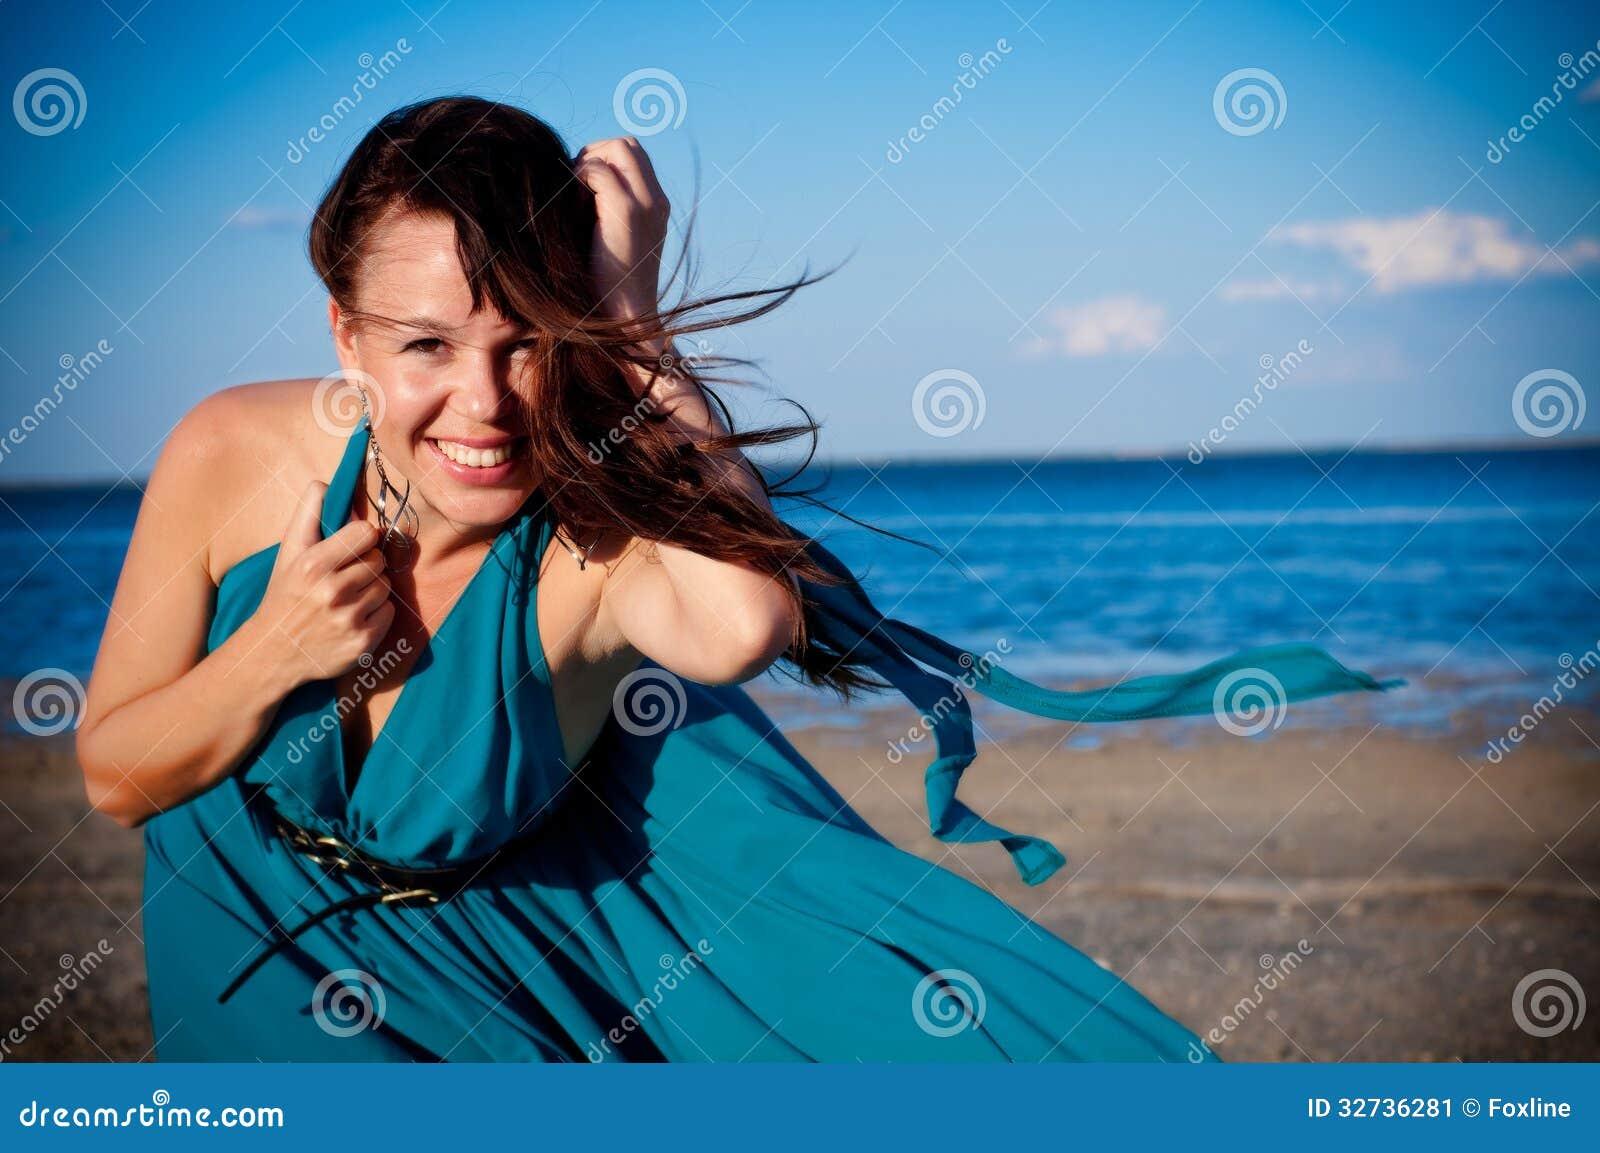 Фото на пляже в длинном